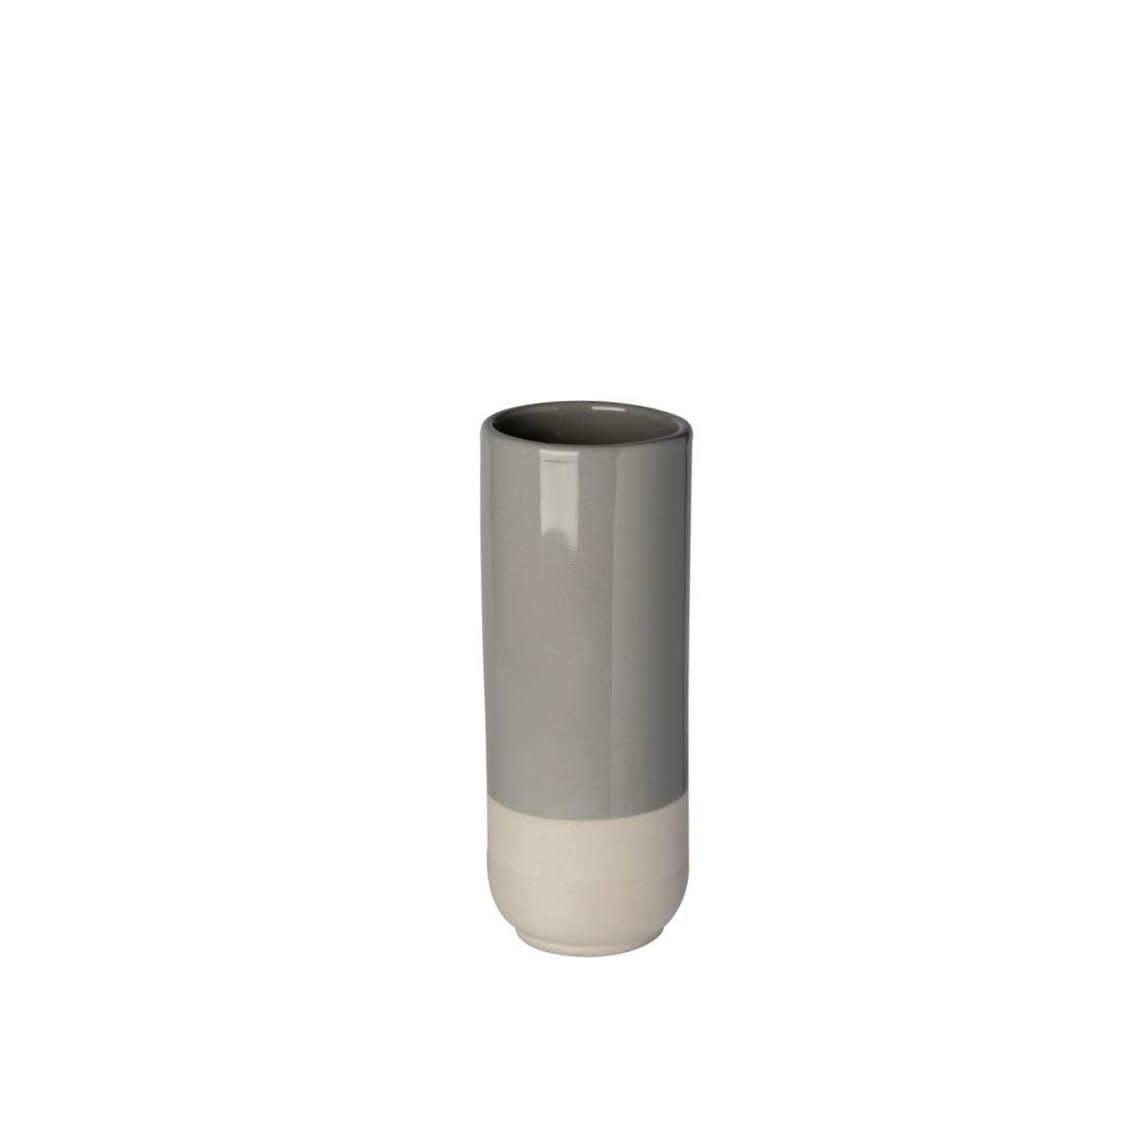 Räder Apero vase H14cm dia 5,5cm